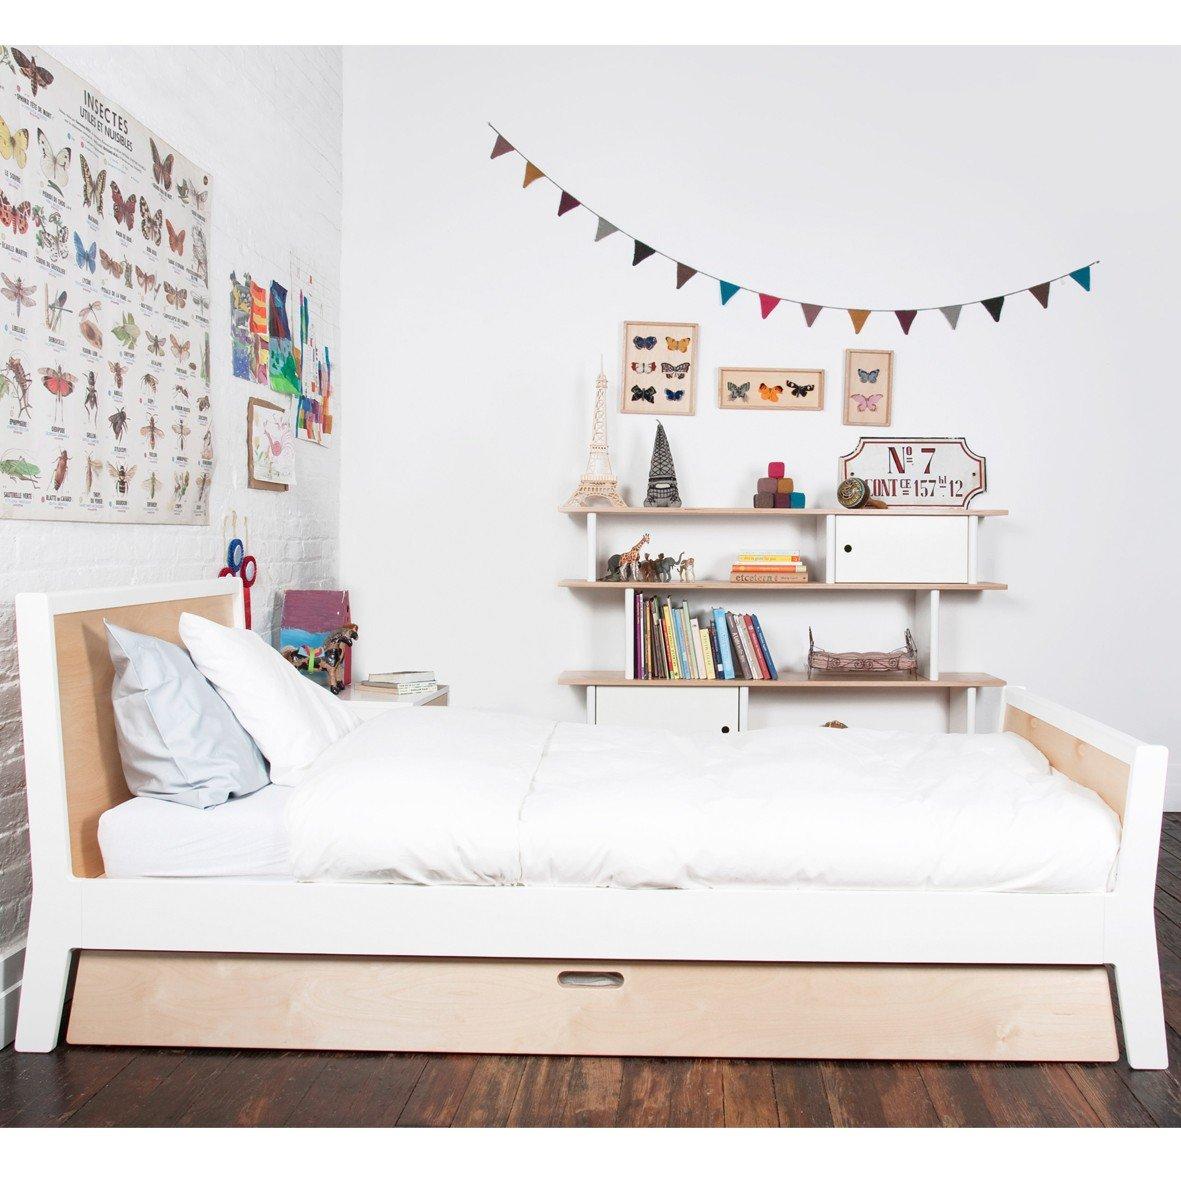 Camas para habitaciones infantiles originales camas para habitaciones infantiles - Habitaciones infantiles originales ...